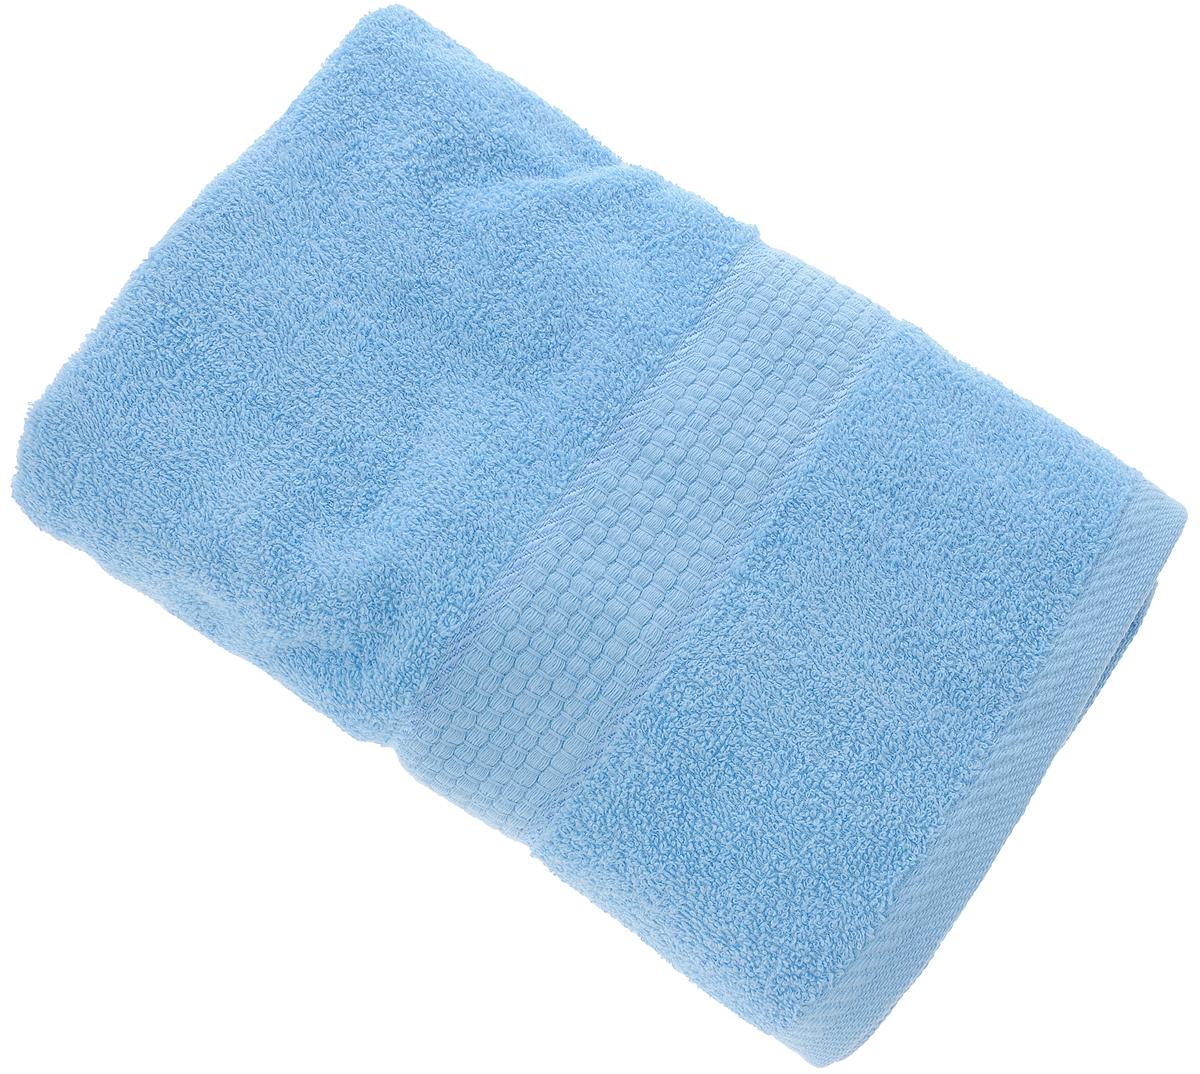 Полотенце Aisha Home Textile, цвет: голубой, 70 х 140 смУзТ-ПМ-114-08-06кМахровые полотенца AISHA Home Textile идеальное сочетание цены и качества. Полотенца упакованы в стильную подарочную коробку. В состав входит только натуральное волокно - хлопок. Лаконичные бордюры подойдут для любого интерьера ванной комнаты. Полотенца прекрасно впитывает влагу и быстро сохнут. При соблюдении рекомендаций по уходу не линяют и не теряют форму даже после многократных стирок. Состав: 100% хлопок.